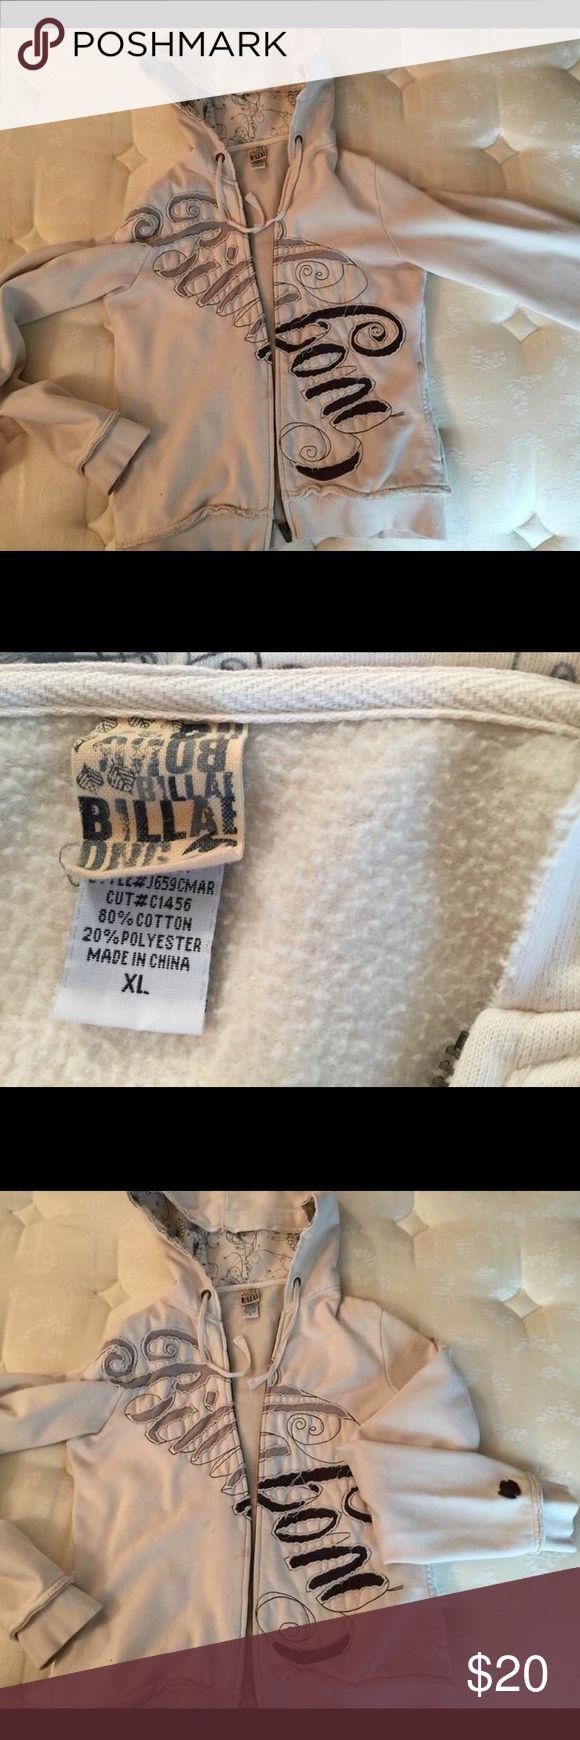 Billabong Women's zip up hoodie size XL Cream colored zip up hoodie Billabong Jackets & Coats